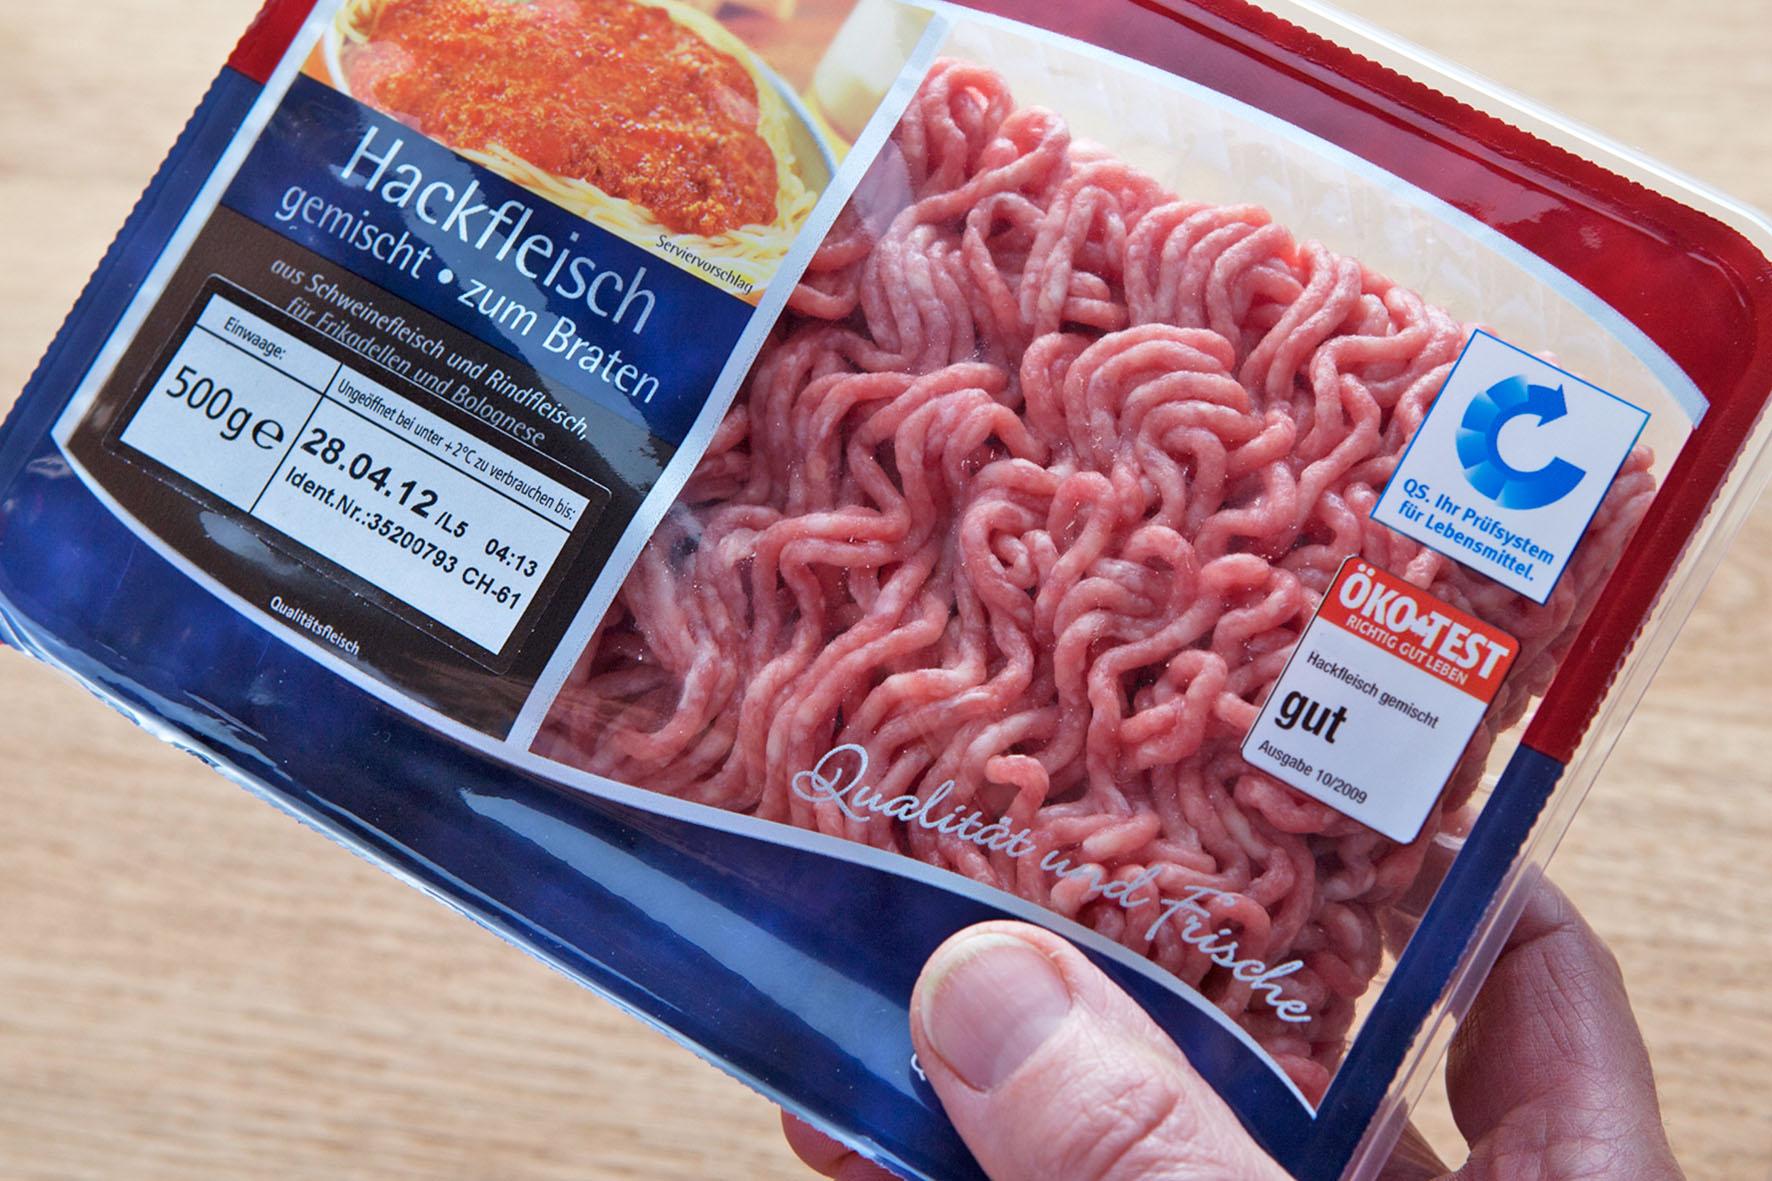 Hackfleisch kann bis zum Verbrauchsdatum verzehrt werden - sofern es durchgehend gekühlt ist.